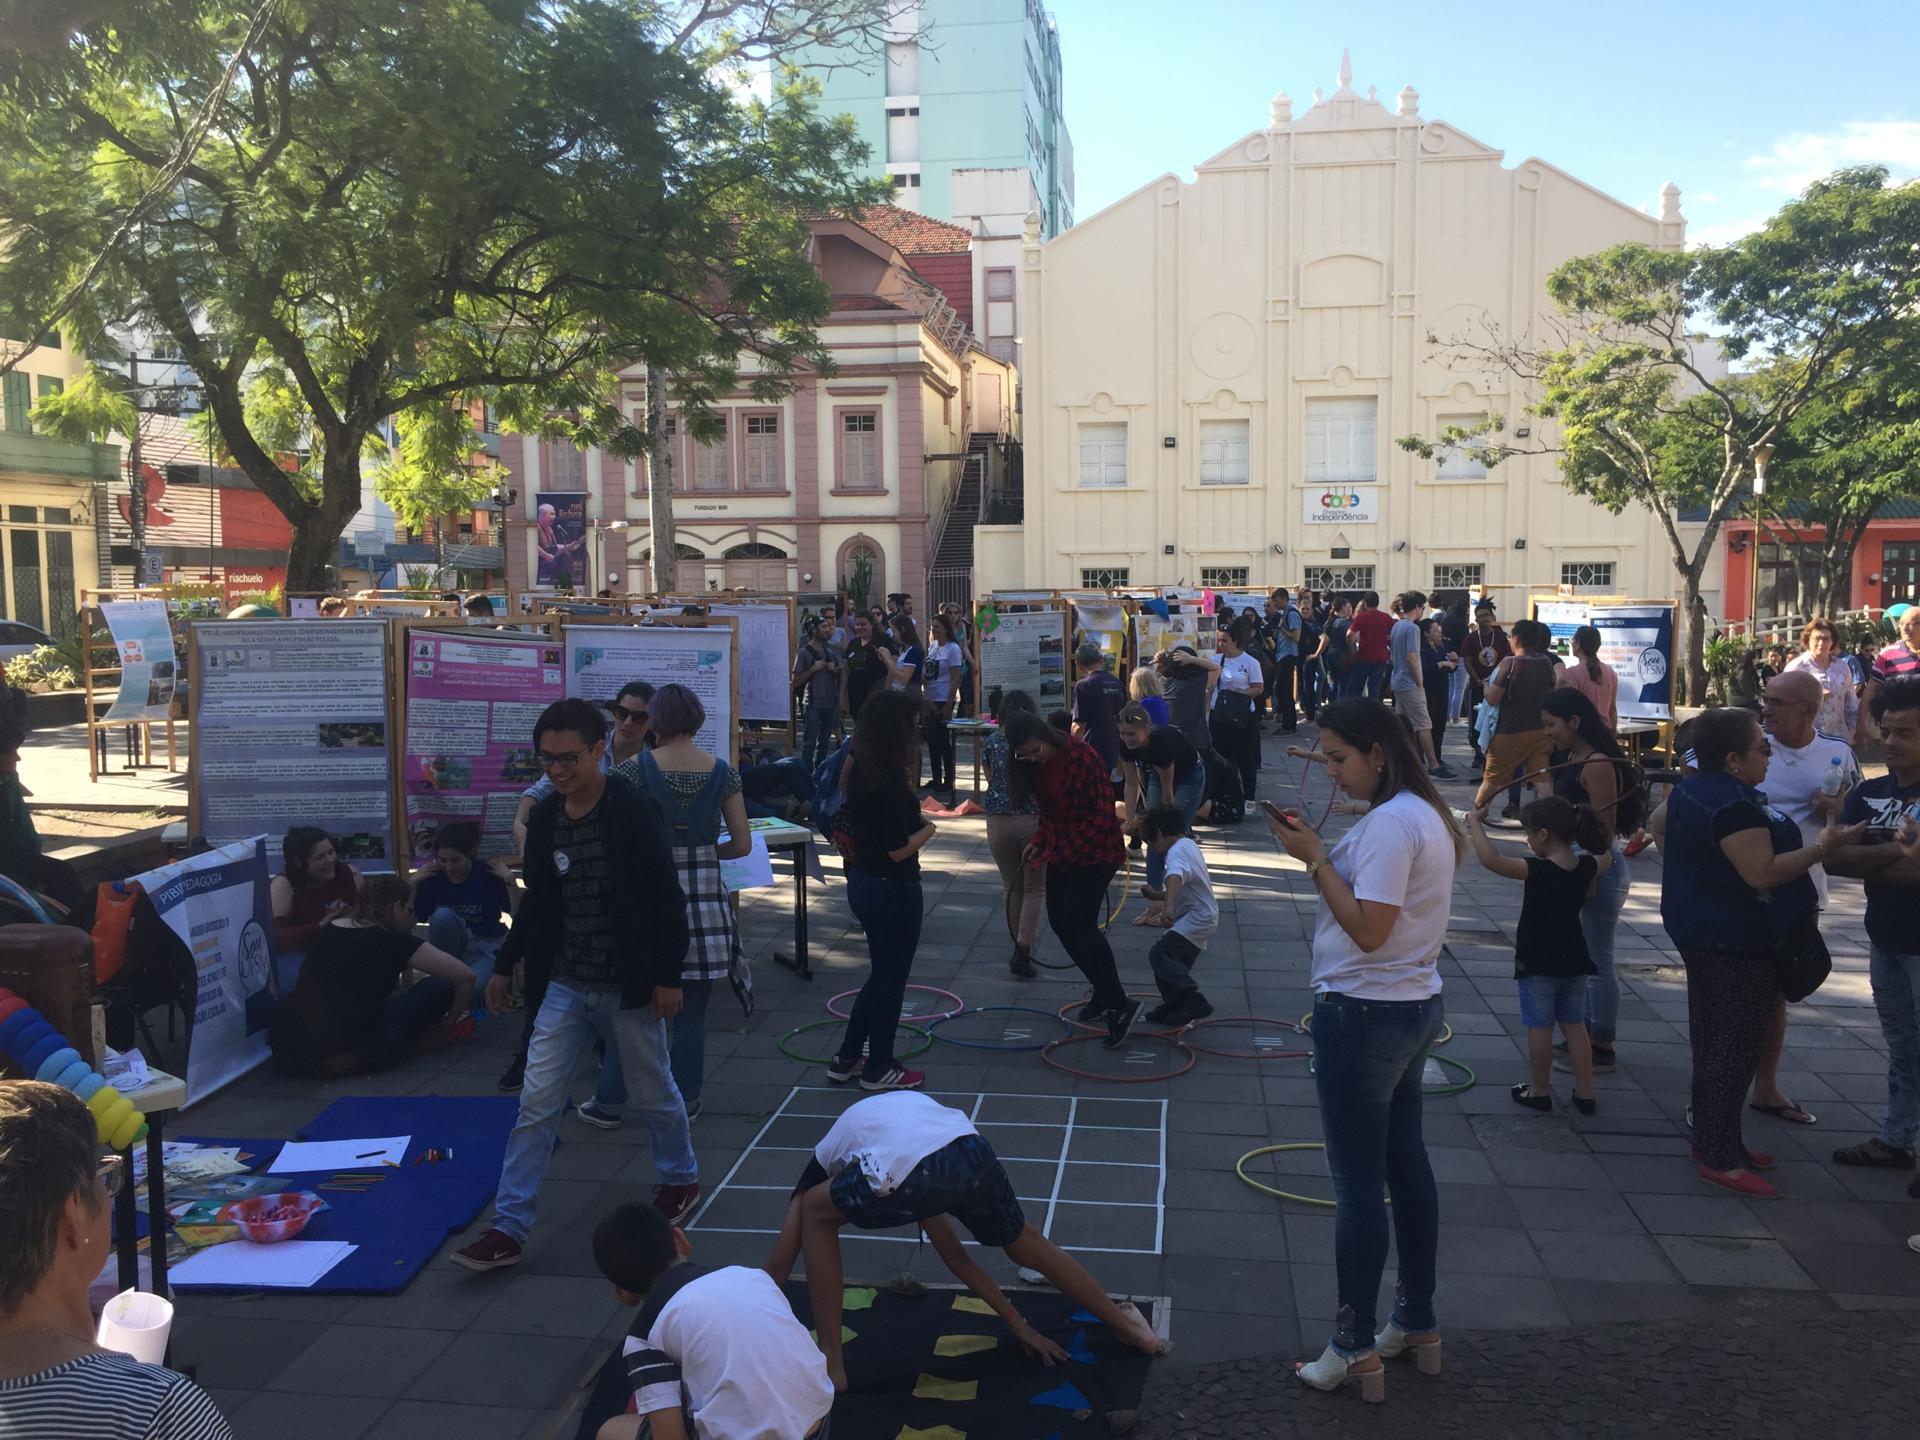 Foto colorida horizontal mostra pessoas em pé, sentadas no chão, crianças brincando no chão, banners armados na praça, tendo ao fundo o Teatro Treze de Maio e o Shopping Independência